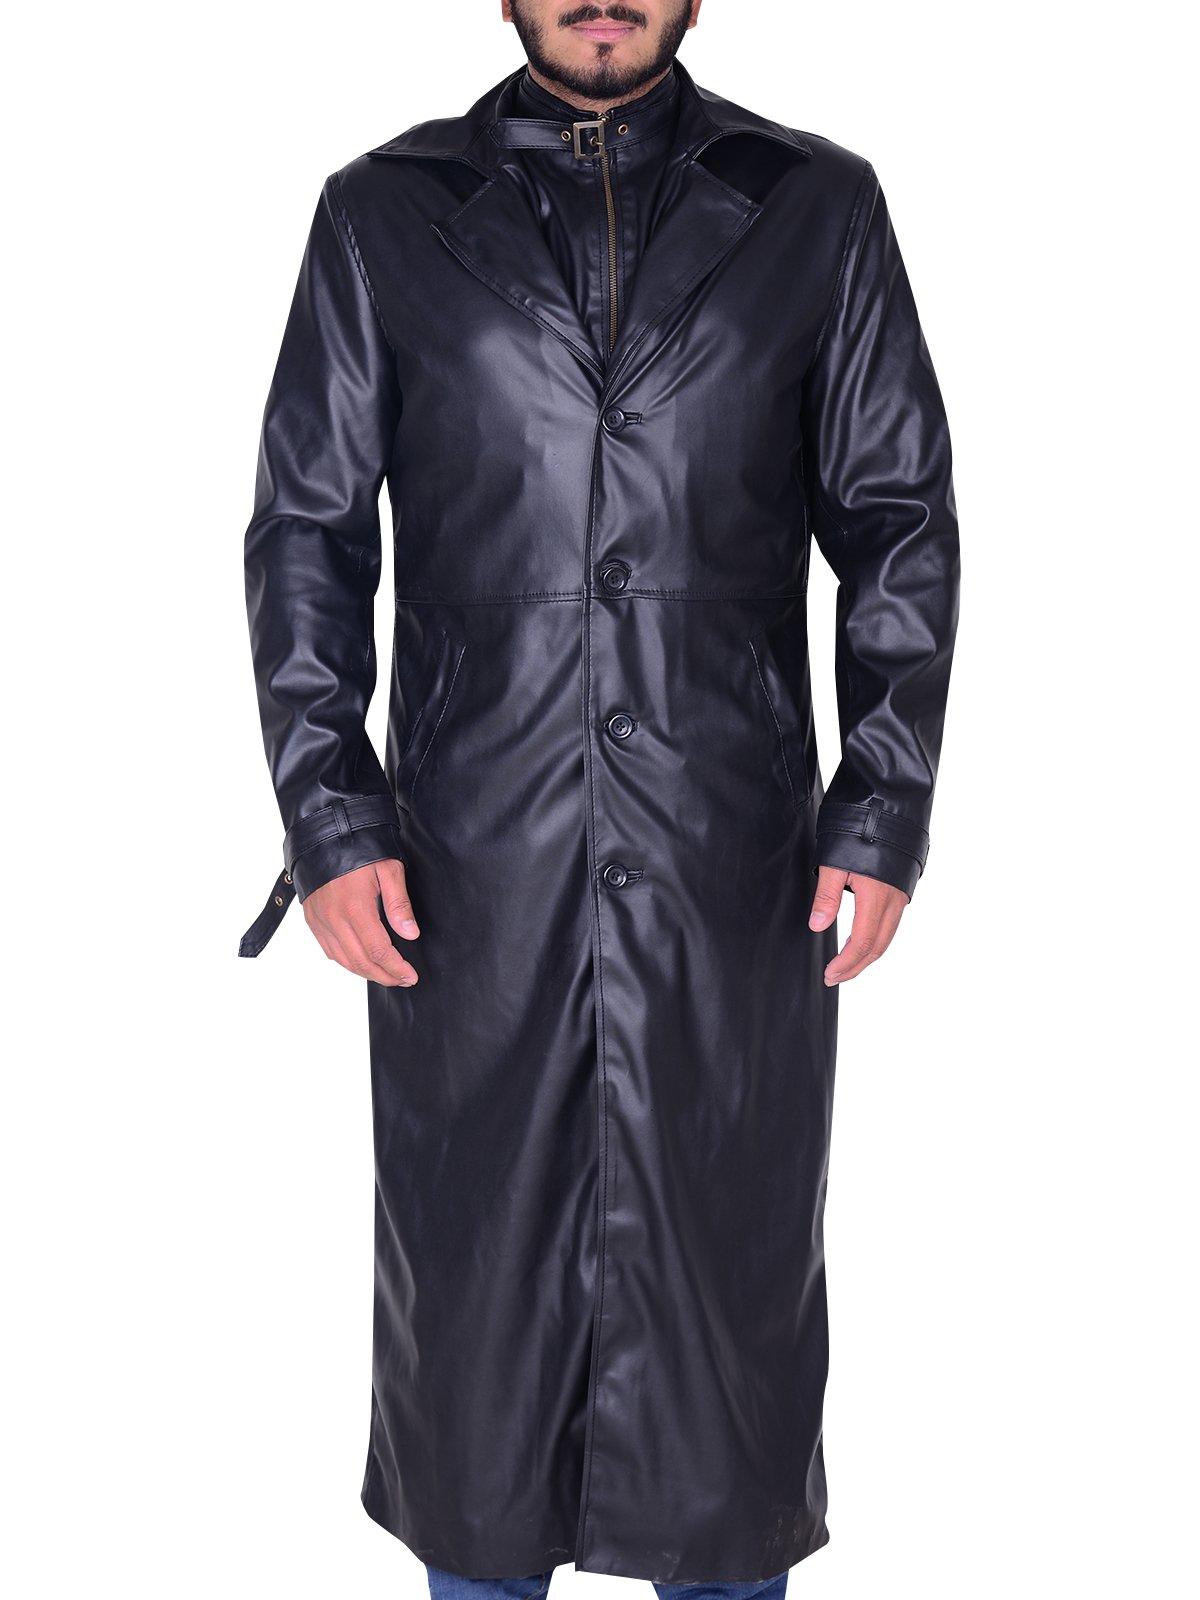 Albert Wesker Resident Evil 5 Black Trench Coat Rockstar Jacket